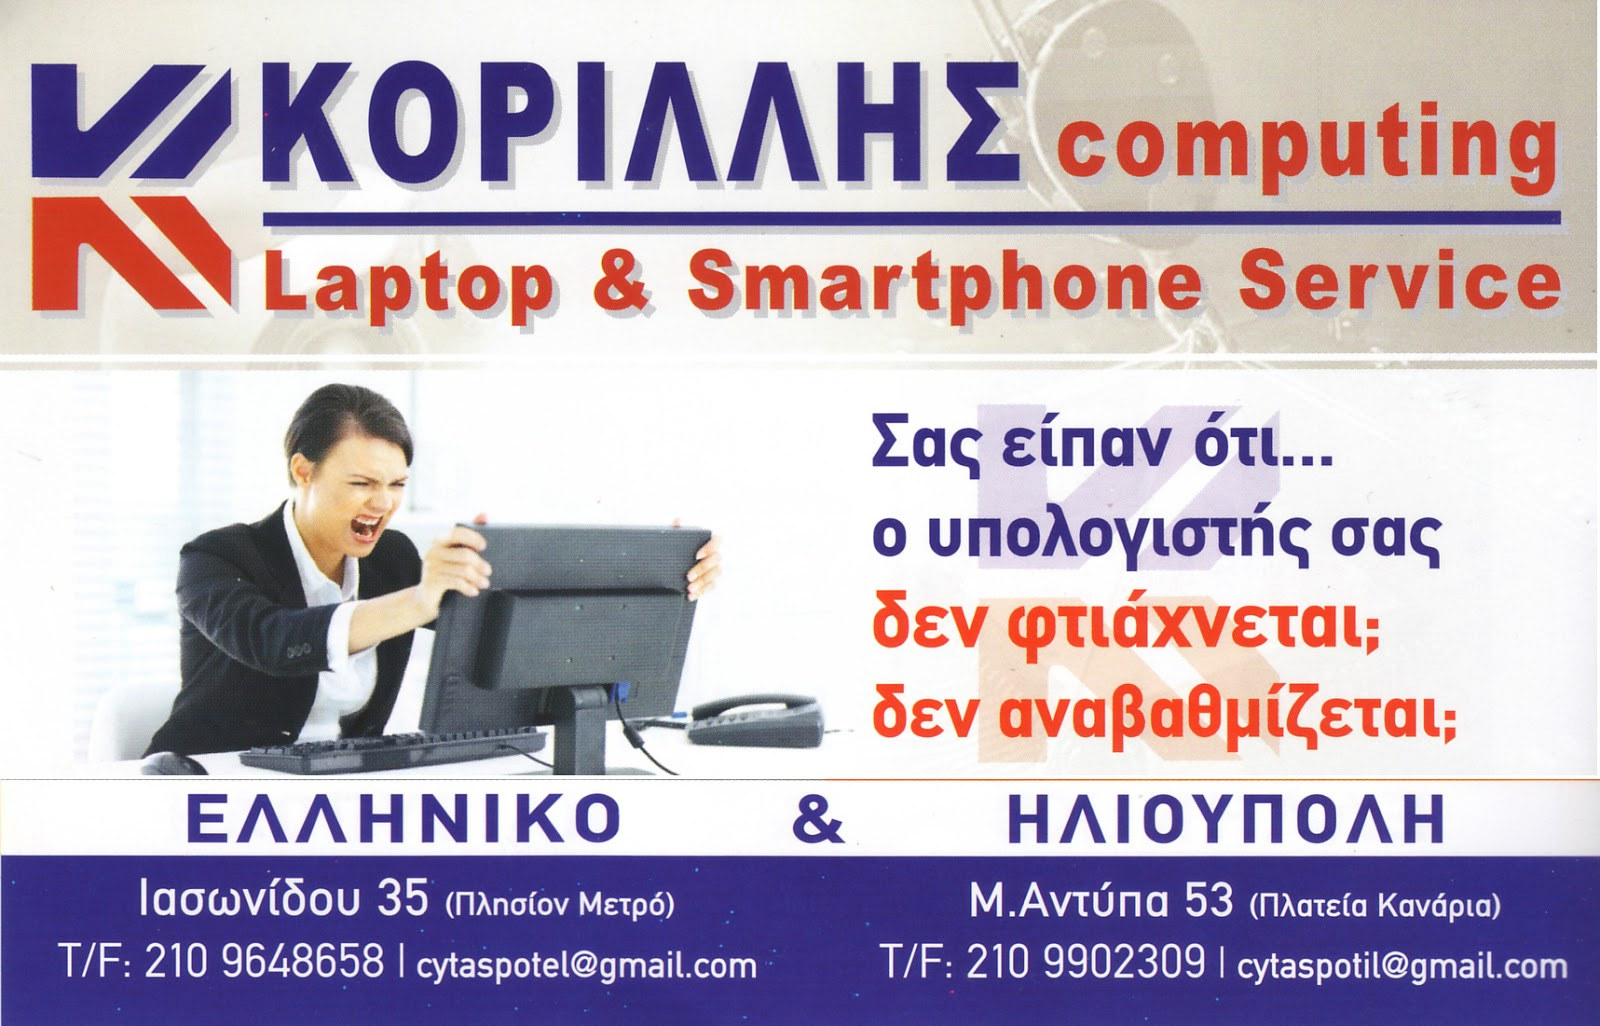 ΚΟΡΙΛΛΗΣ # ΧΡΗΣΤΟΣ # ΤΑΣΟΣ # ΔΗΜΗΤΡΗΣ # KORILLIS # COMPUTING # LAPTOP #TAMPLETS # SMART # SMARTPHONE # SERVICE